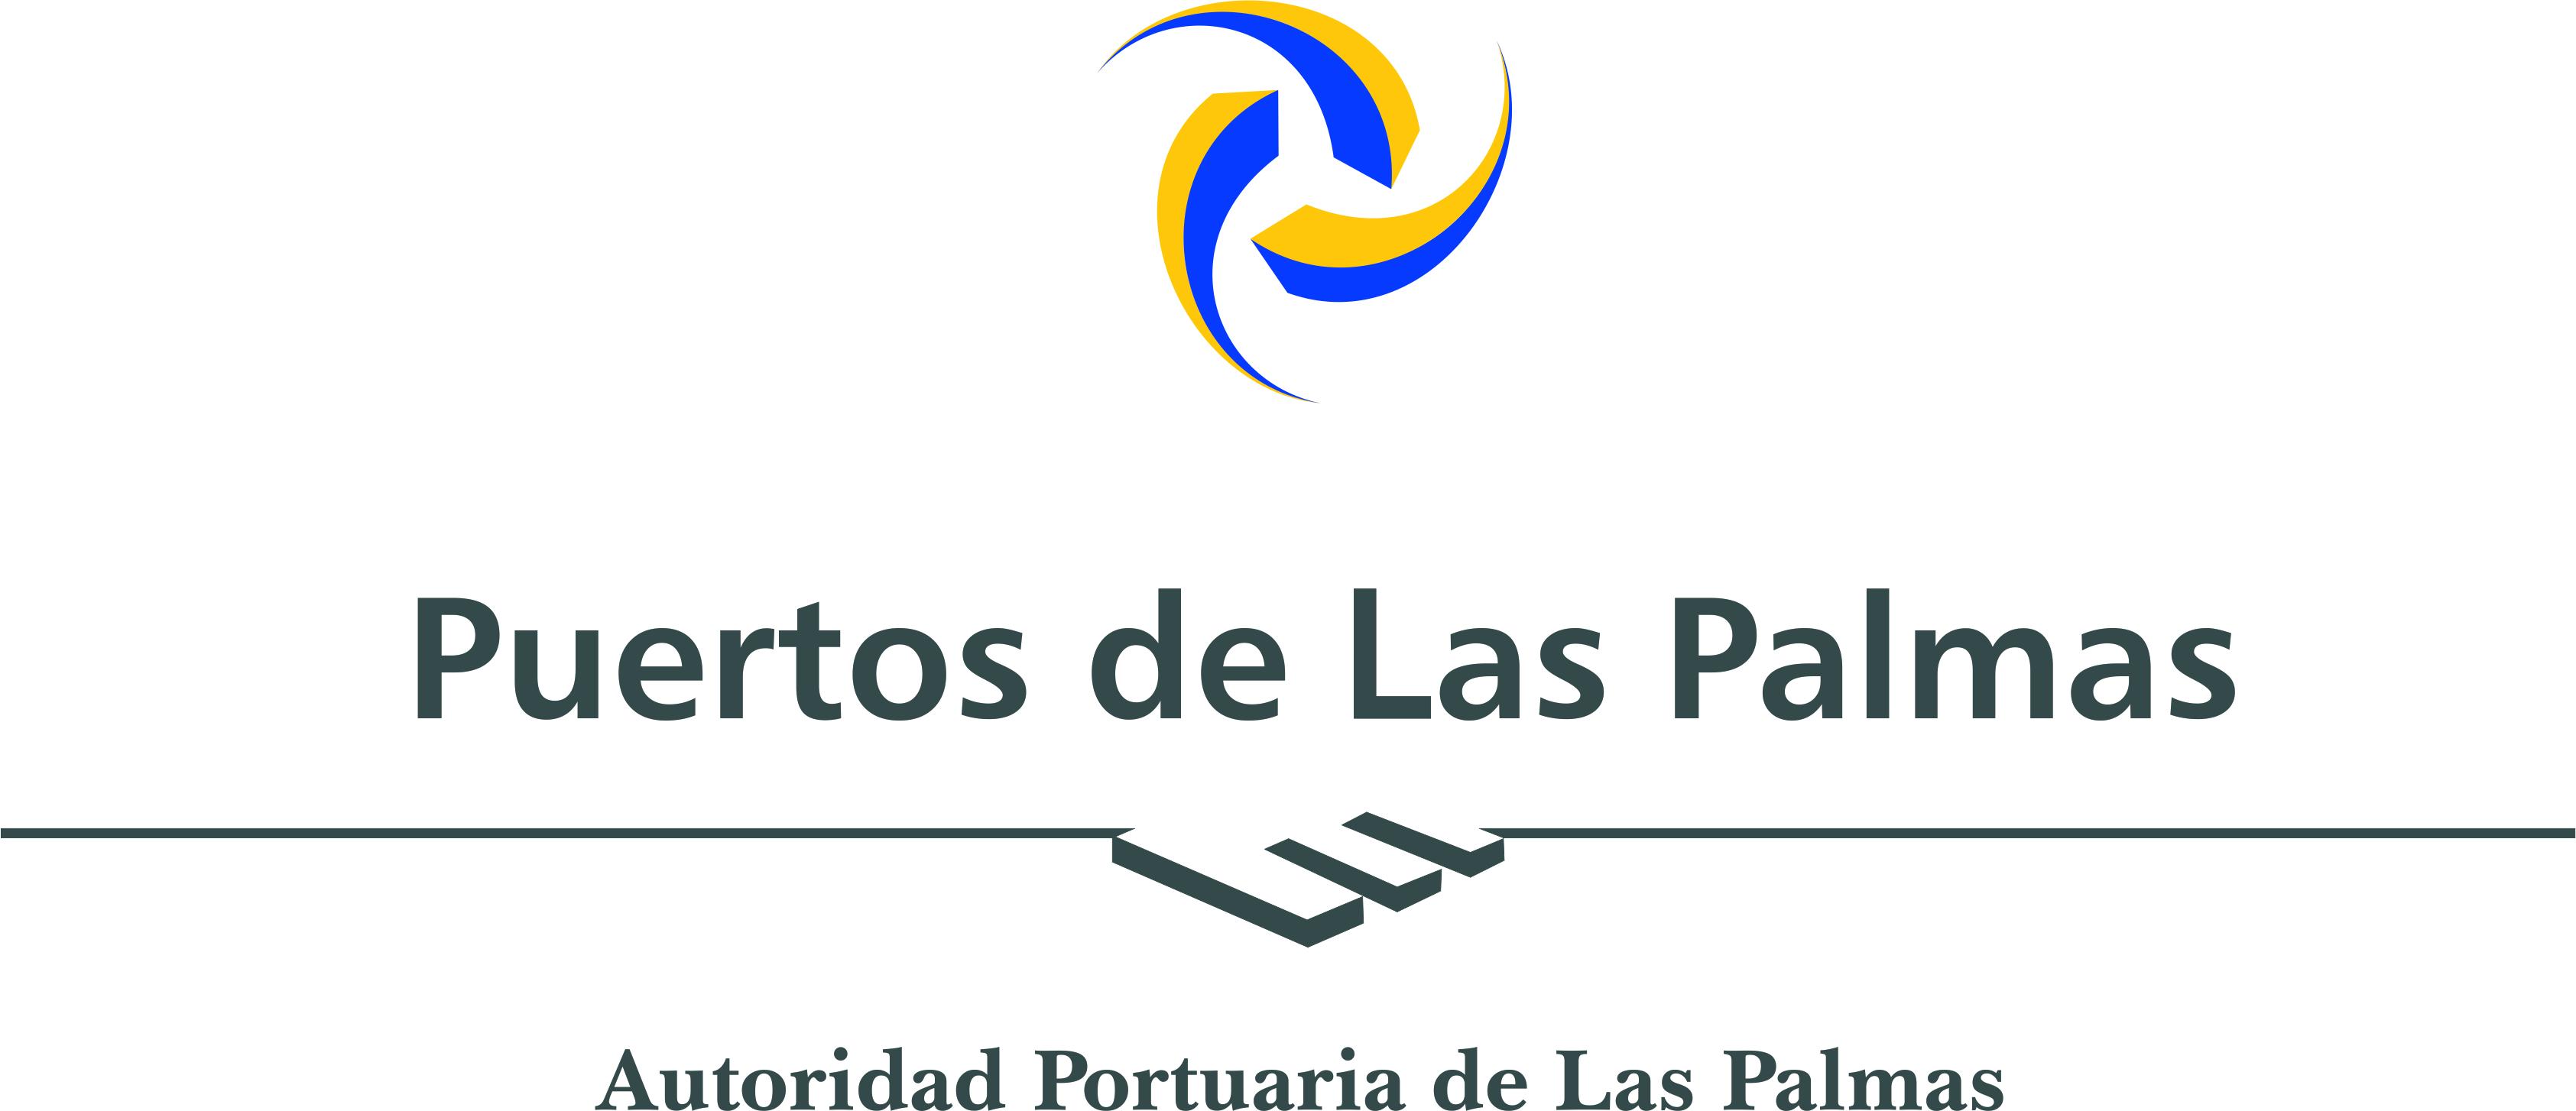 Logotipo de la Autoridad Portuaria de LP